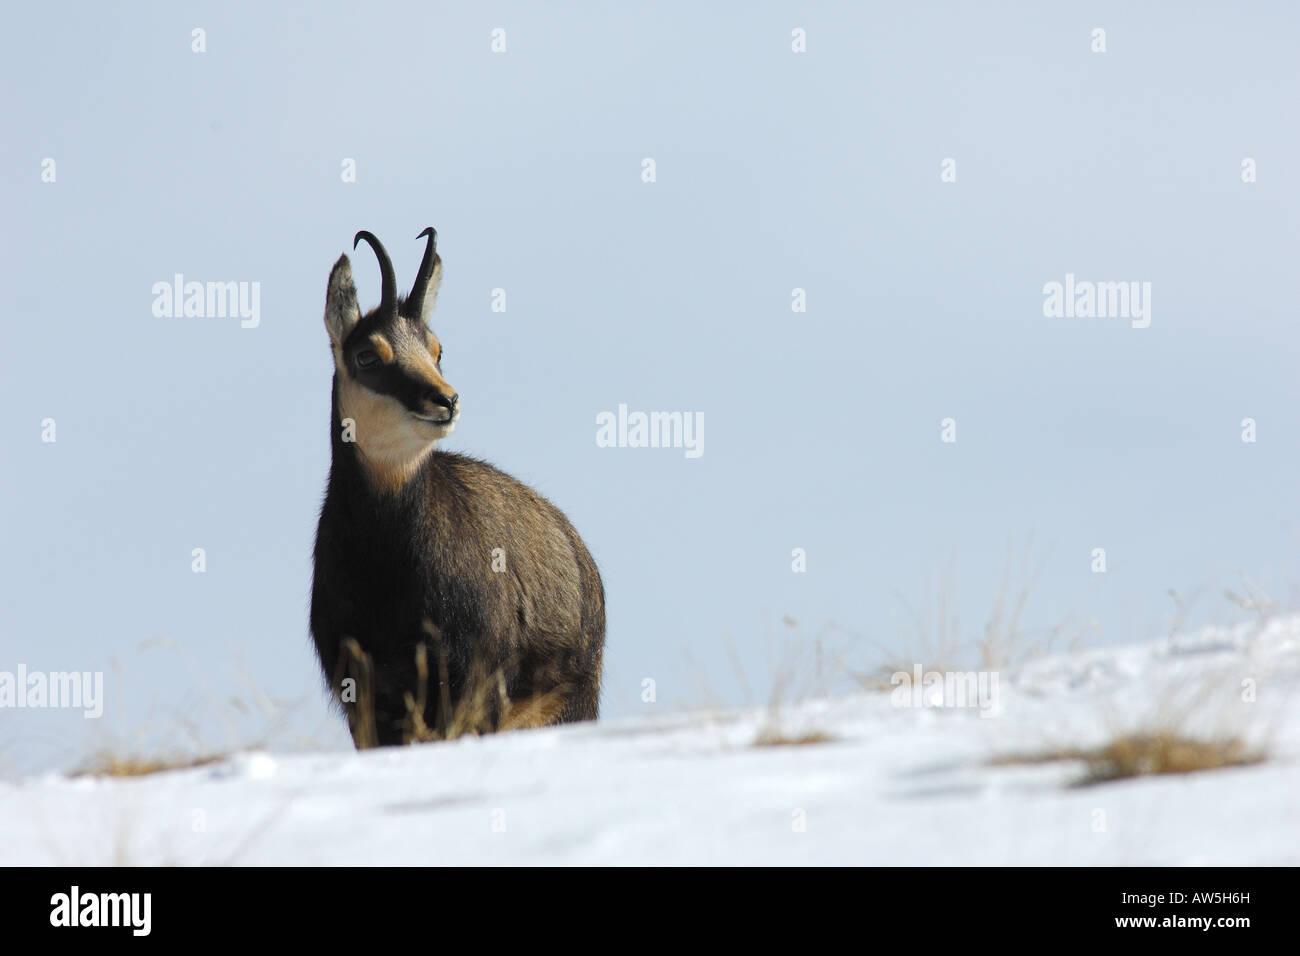 Camoscio Rupicapra rupicapra mammiferi neve nevicata montagna paesaggio inverno Valnoney Cogne Parco Nazionale Gran Immagini Stock